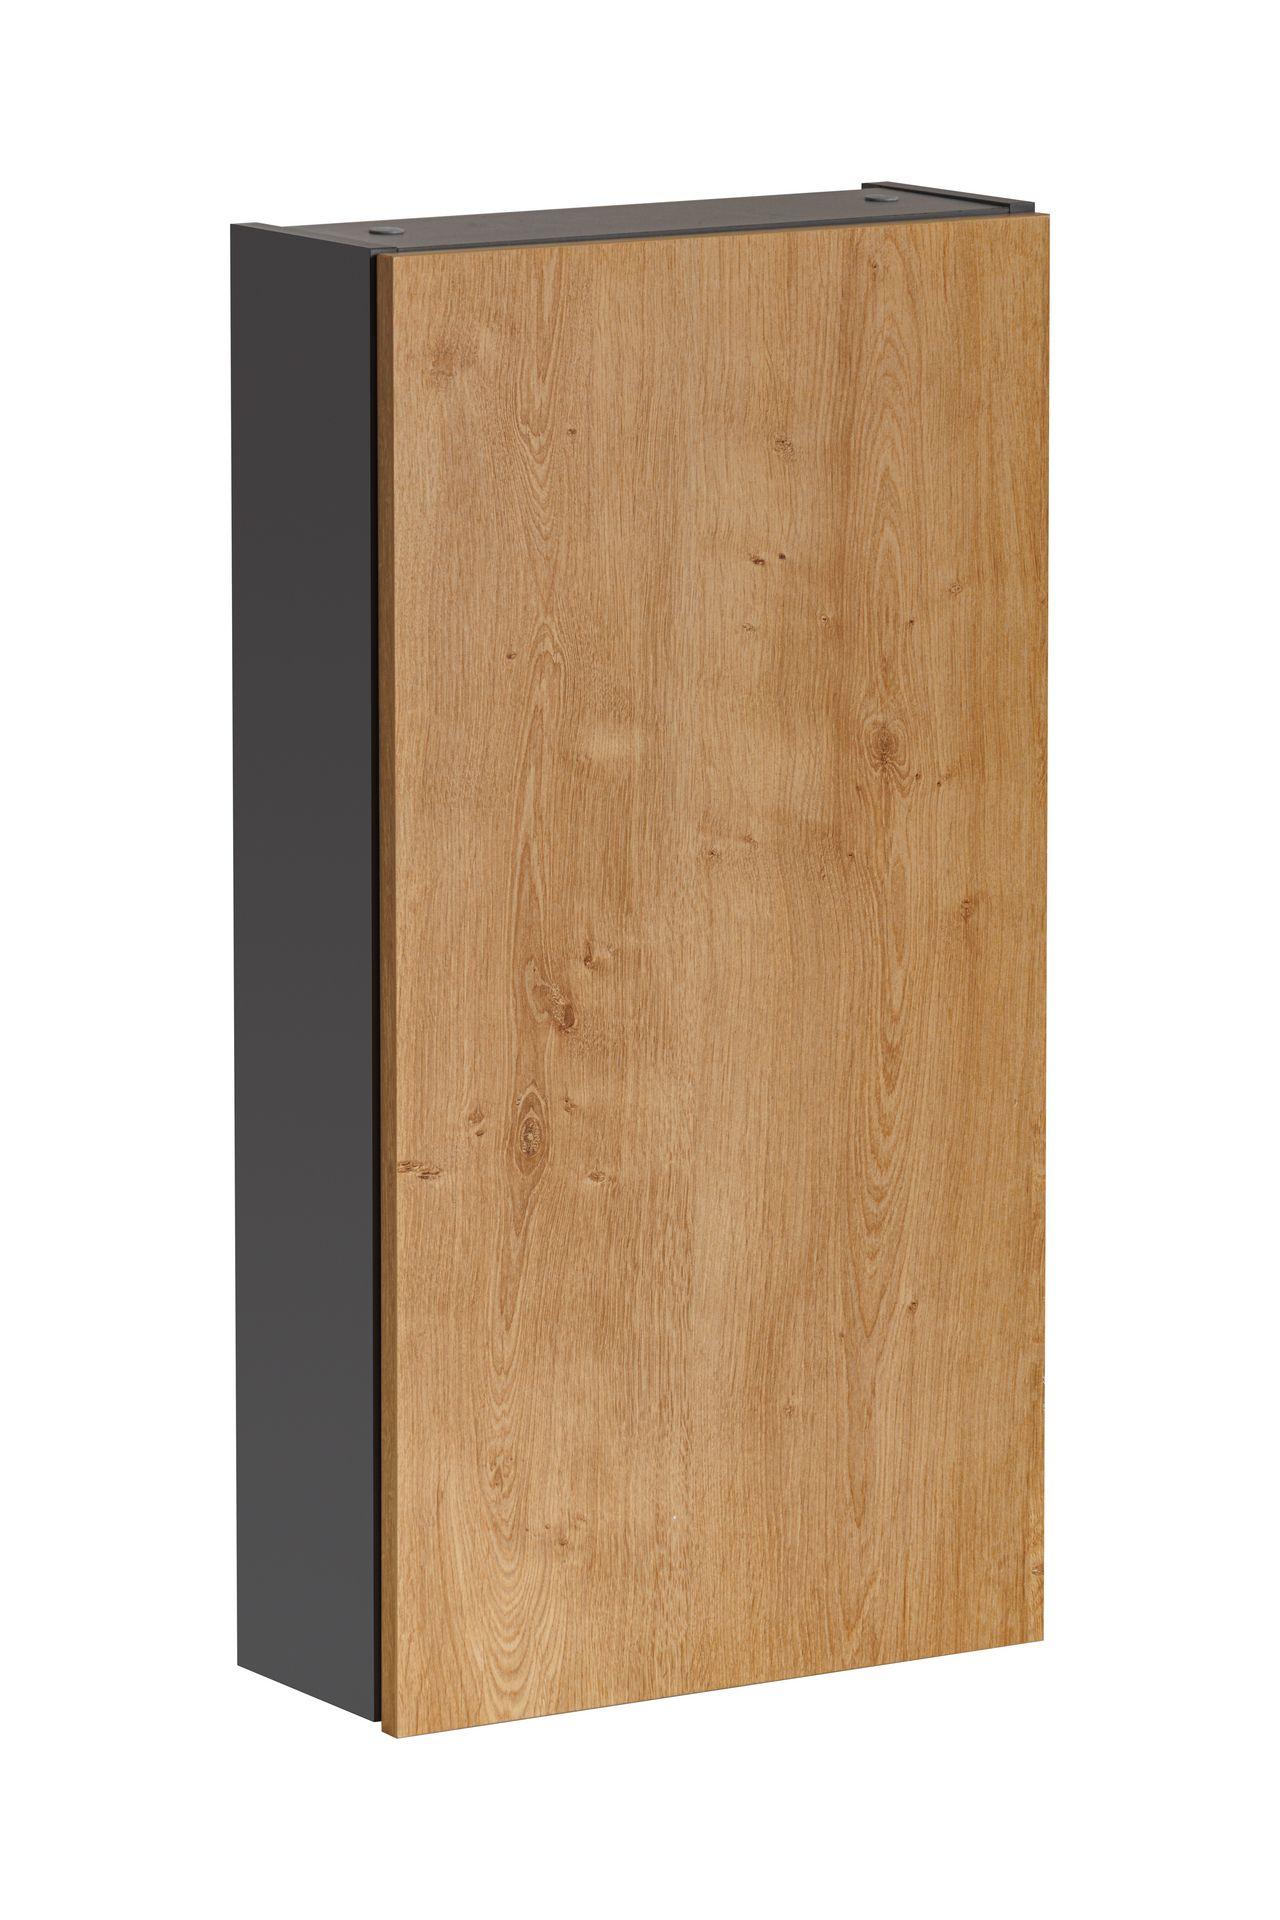 ArtCom Kúpeľňová zostava MONAKO Grey Oak Monako: Závesná skrinka 830 - 75 x 40 x 15,6 cm